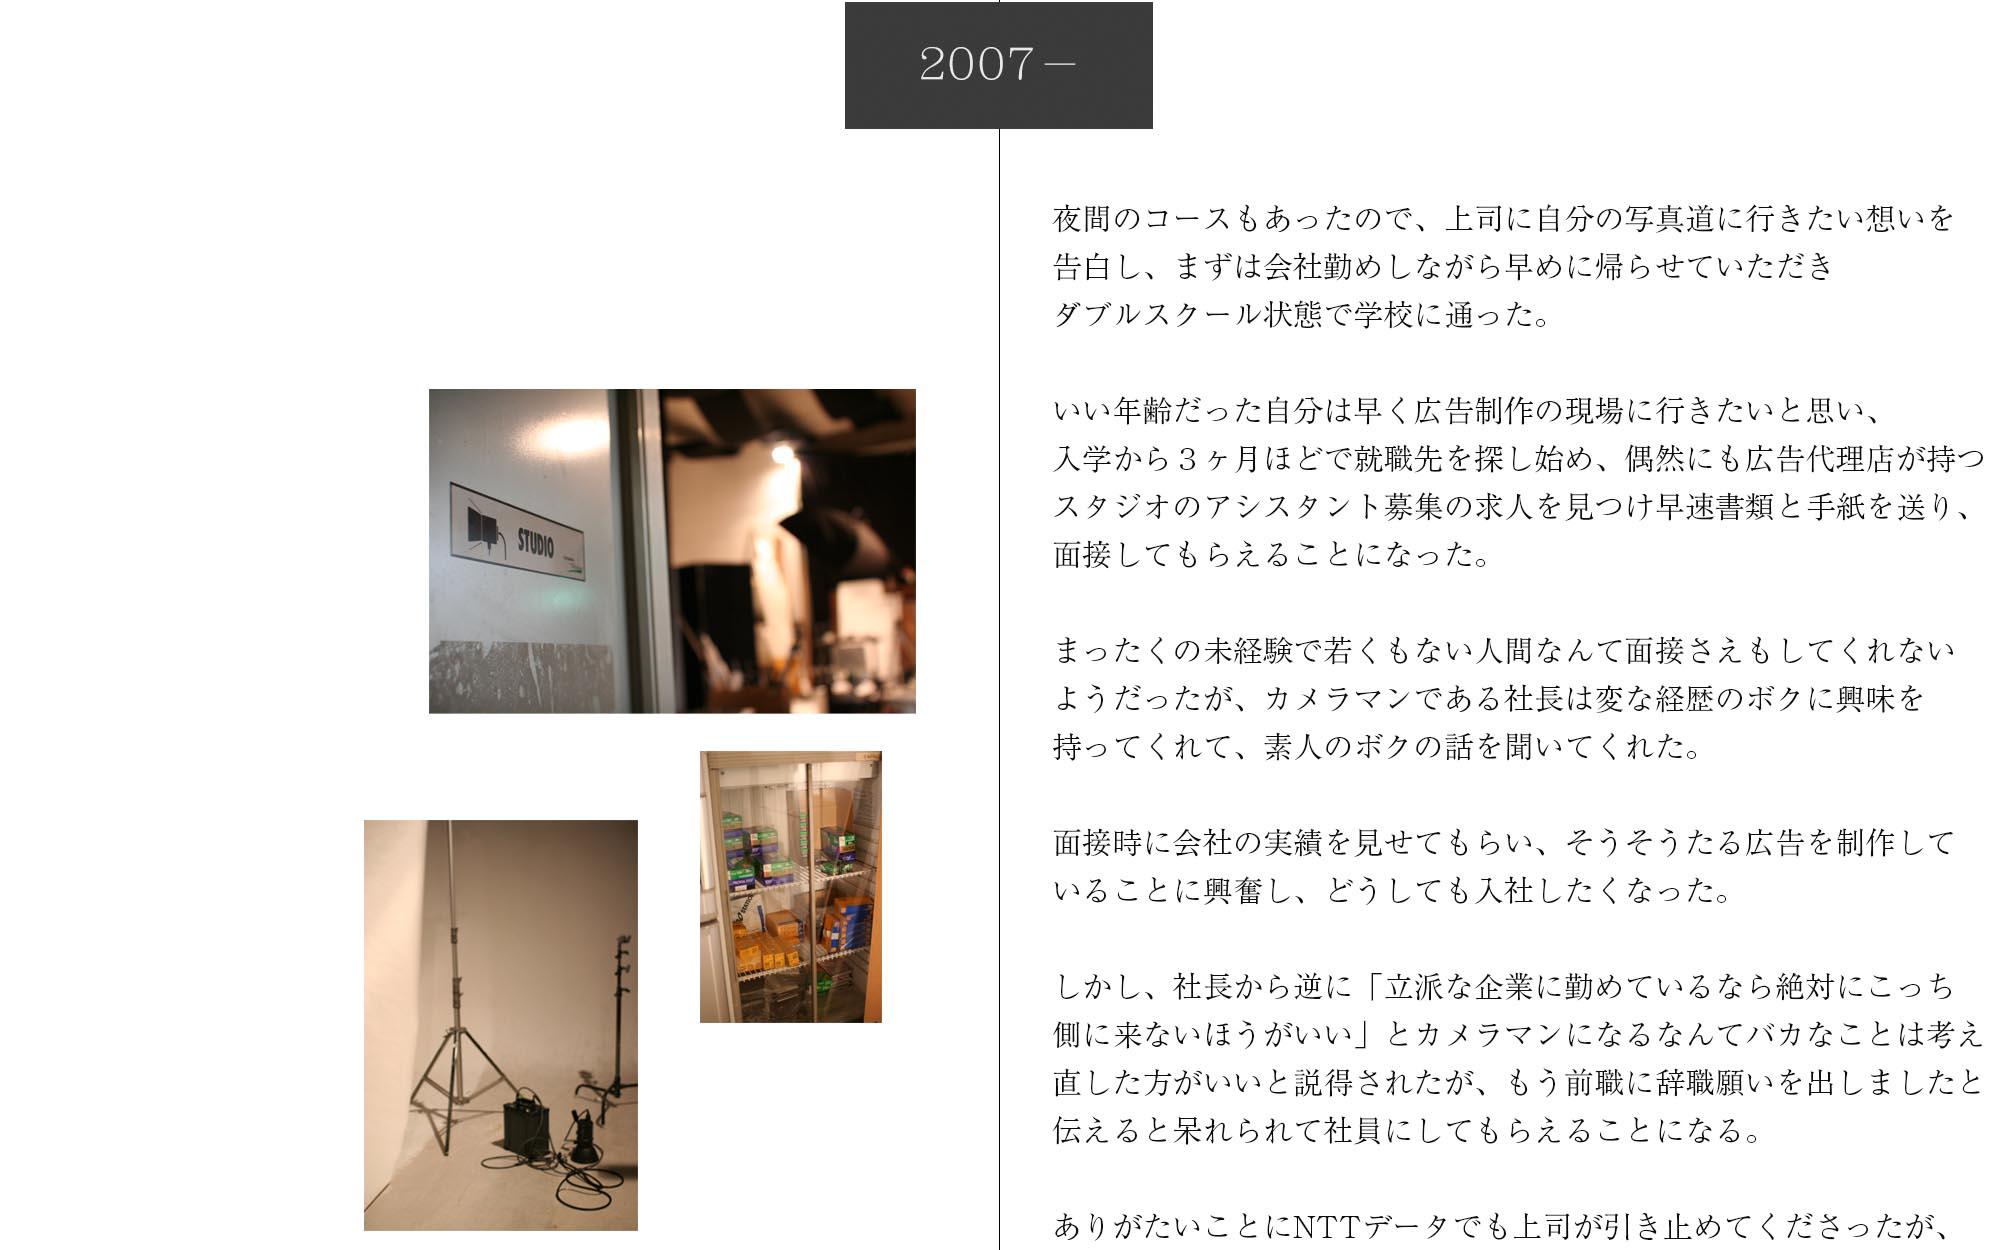 20131228_佐治秀保史_08